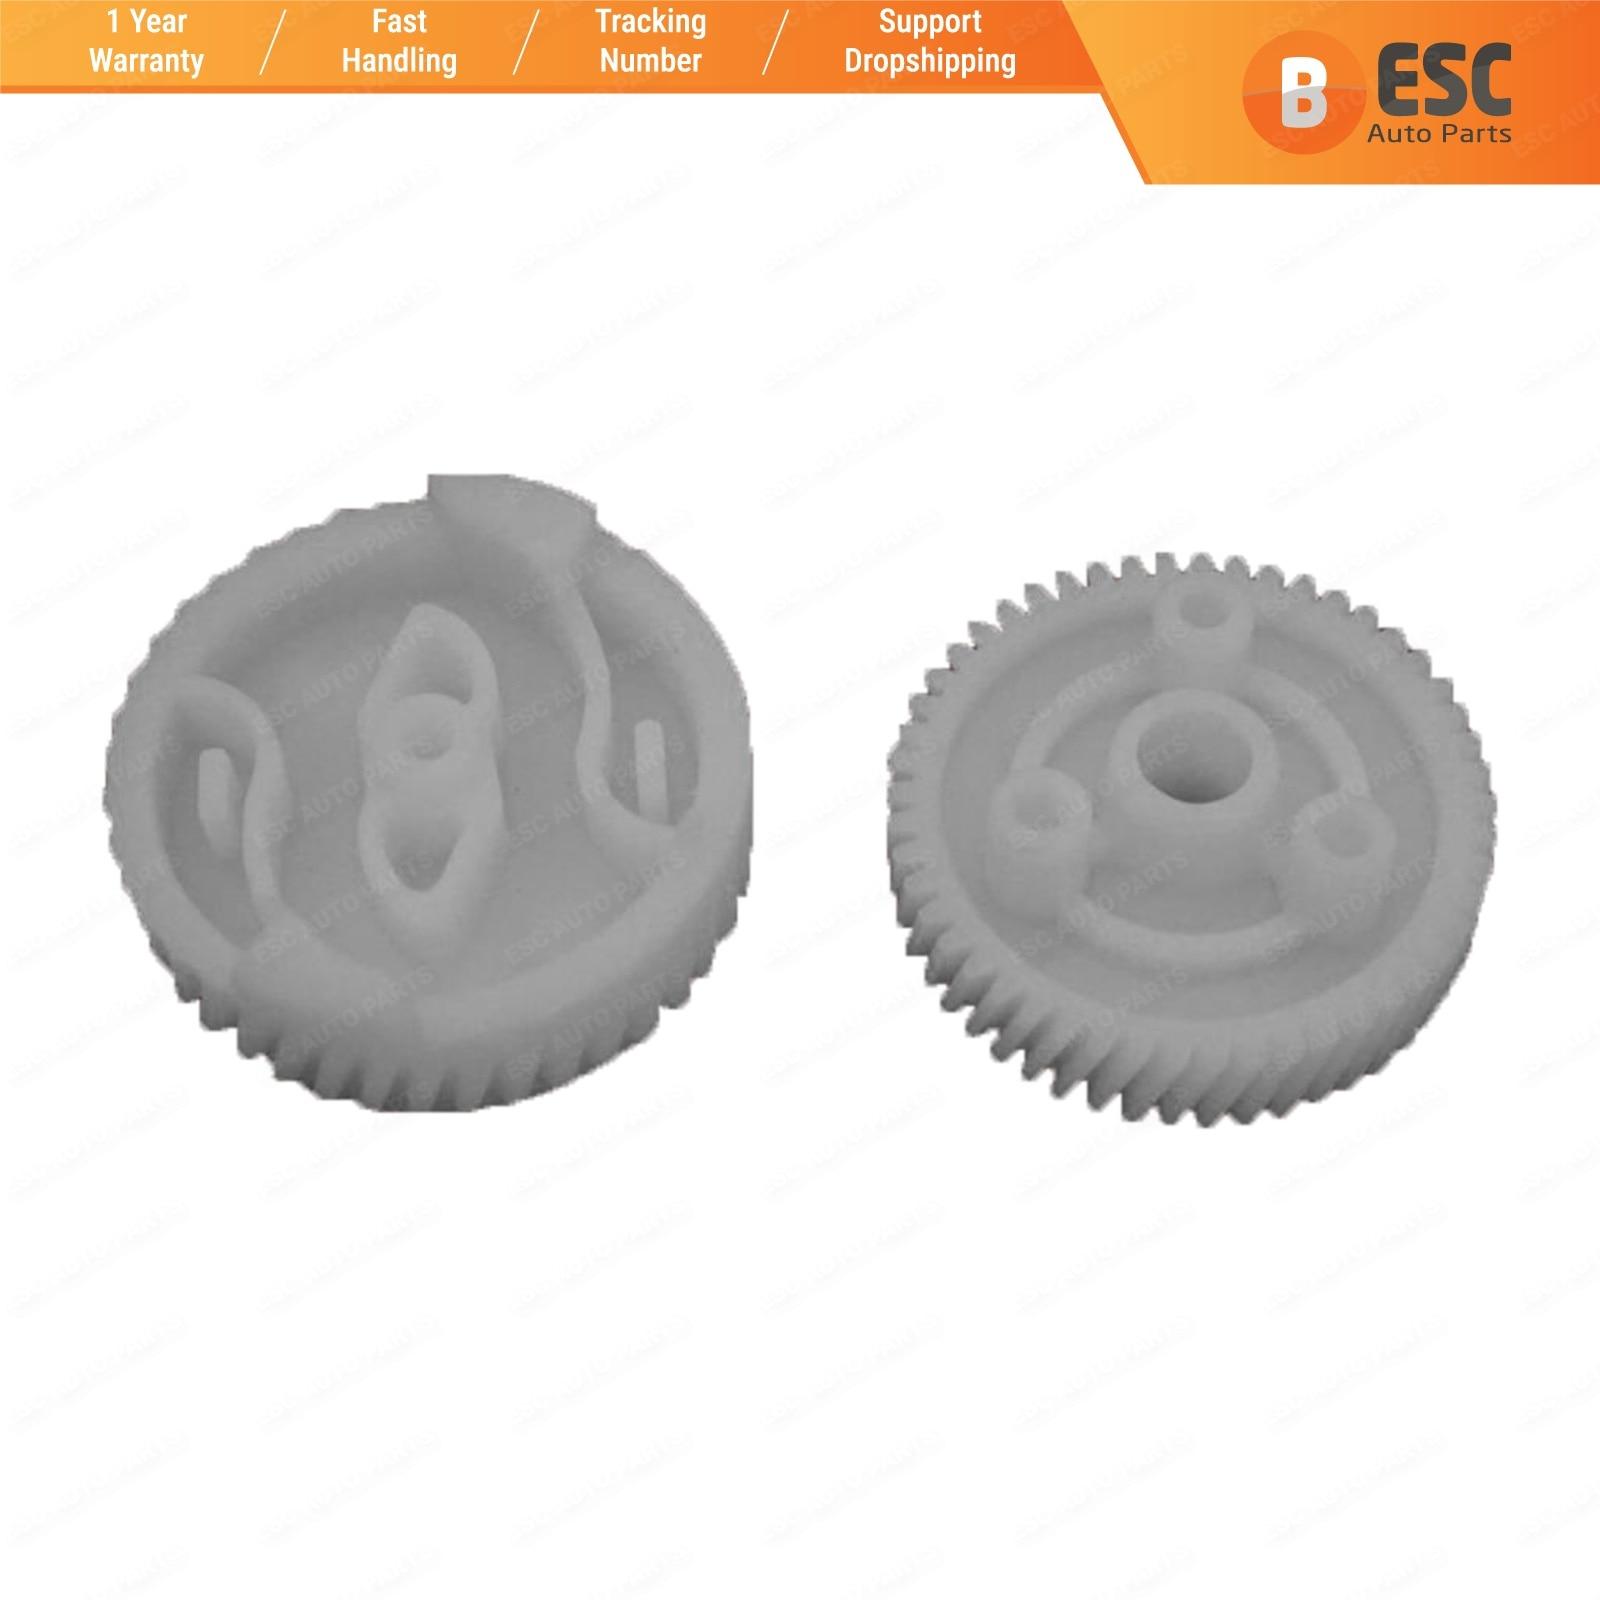 AliExpress - ESC EGE524 Left Door Lock Latch Actuator Repair Gears 51217202143 For BMW 1 3 5 F Z Series